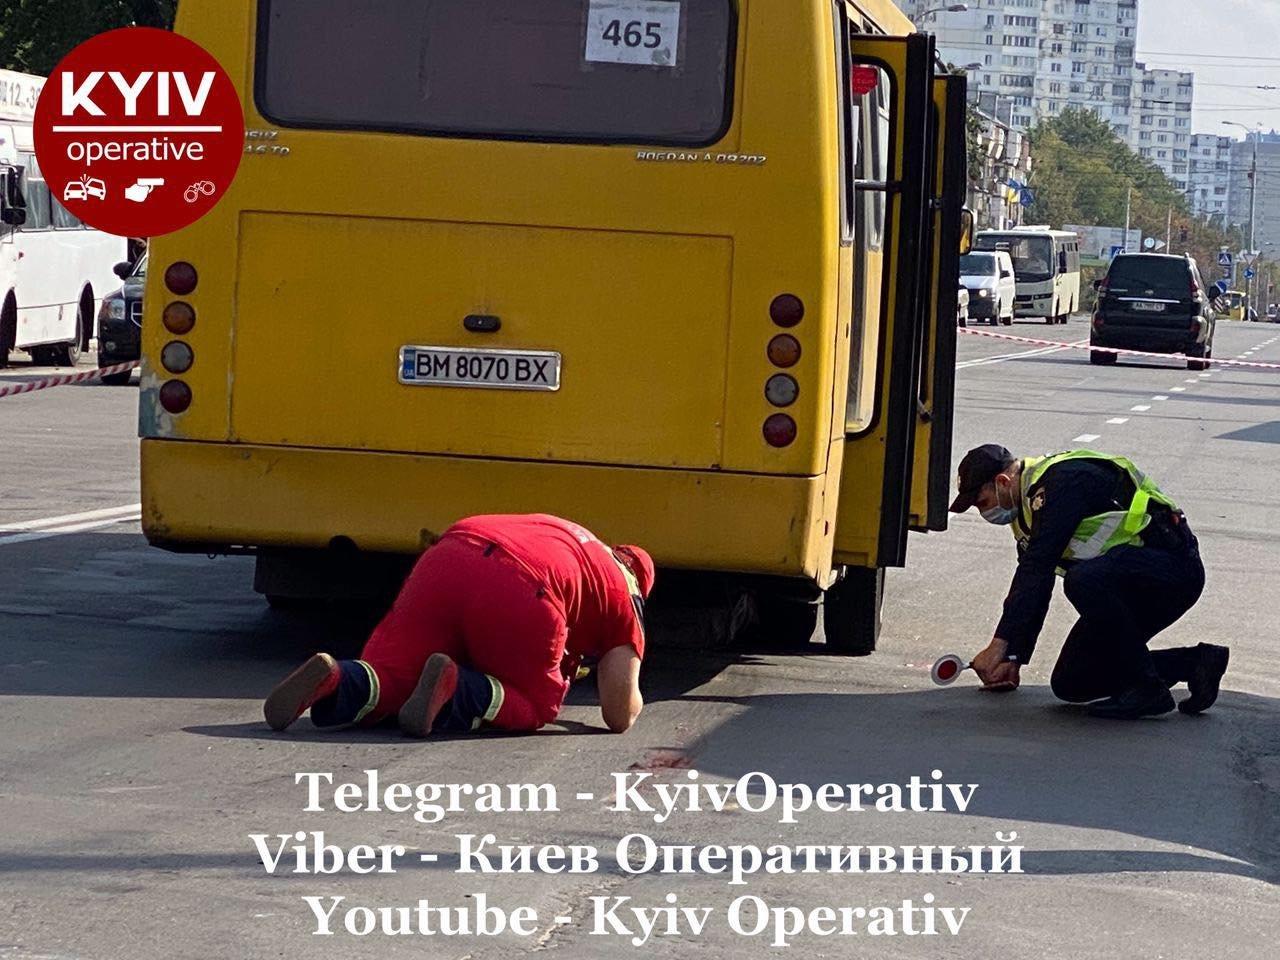 В Киеве на Виноградаре произошло смертельное ДТП с участием маршрутки, ВИДЕО, фото-1